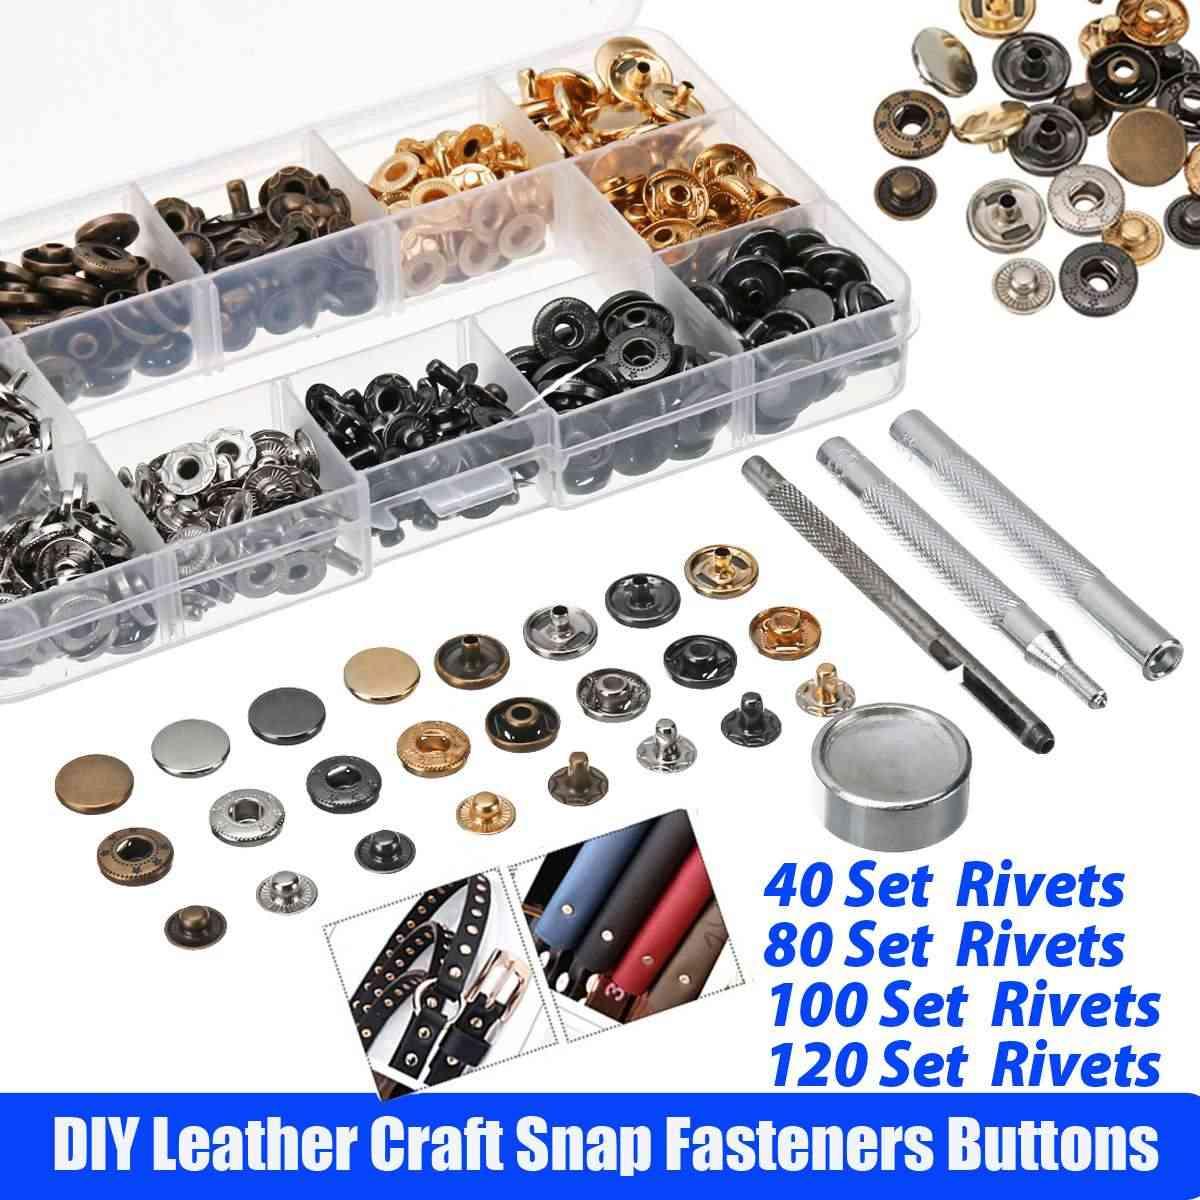 Kit de botones de plástico T5 de 360 Uds. + pinzas de cierre profesional, herramienta de costura